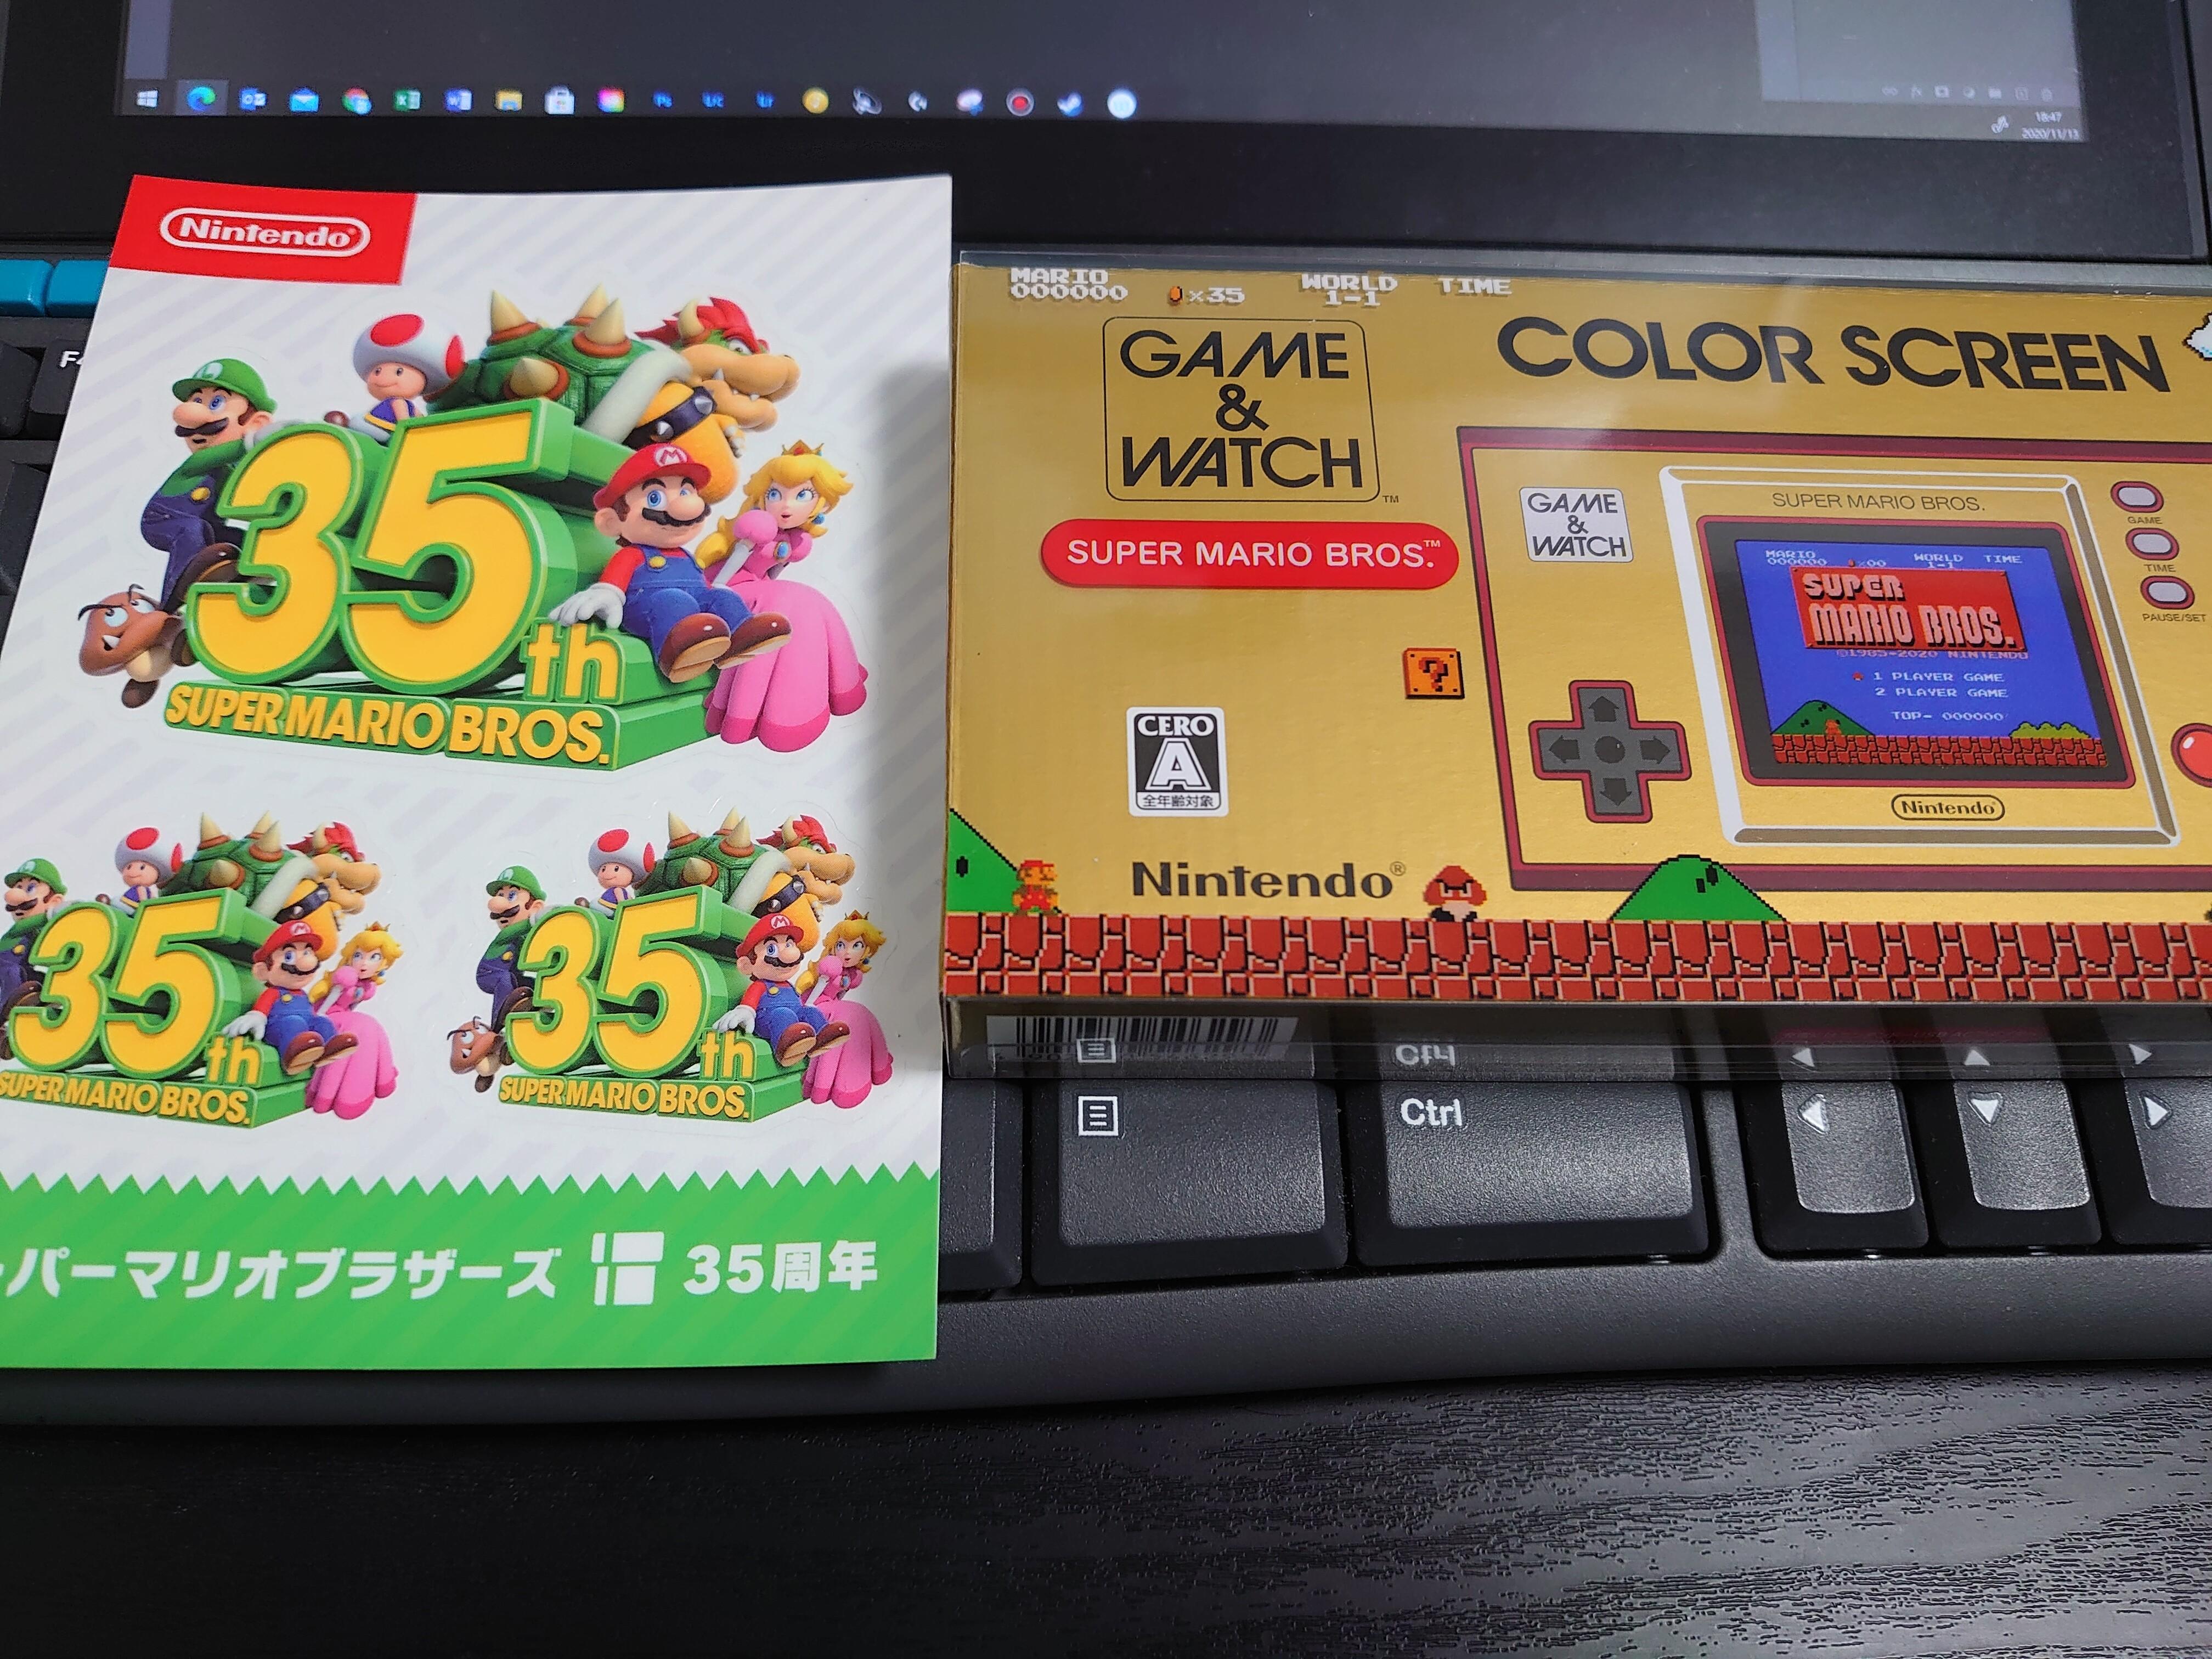 スーパー ゲーム ブラザーズ ウオッチ & マリオ